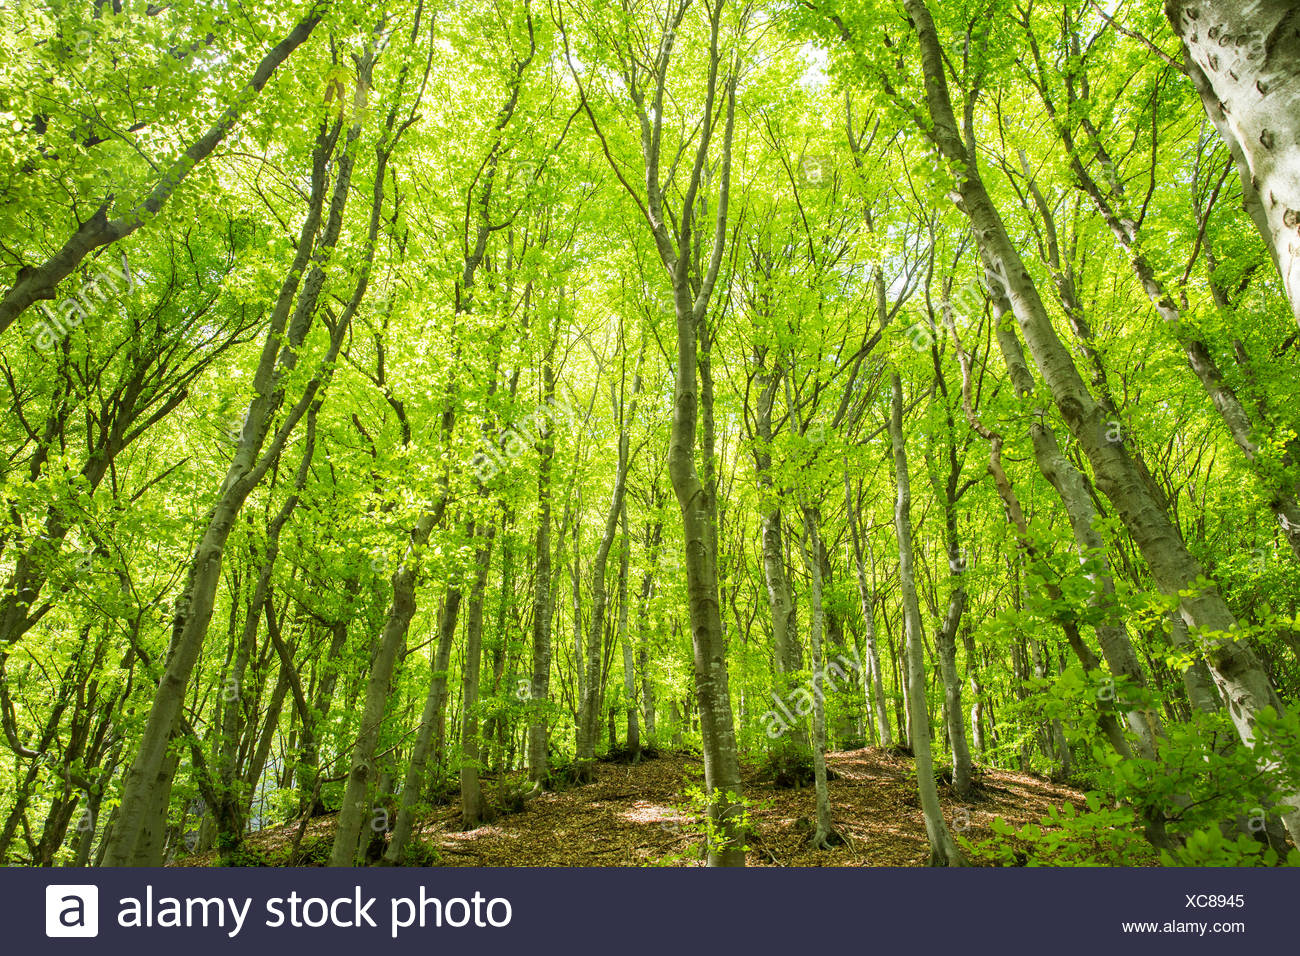 Lugano, madera, bosque, Monte Boglia, cantón del Tesino, al sur de Suiza, la madera, el bosque, Suiza, Europa, Imagen De Stock